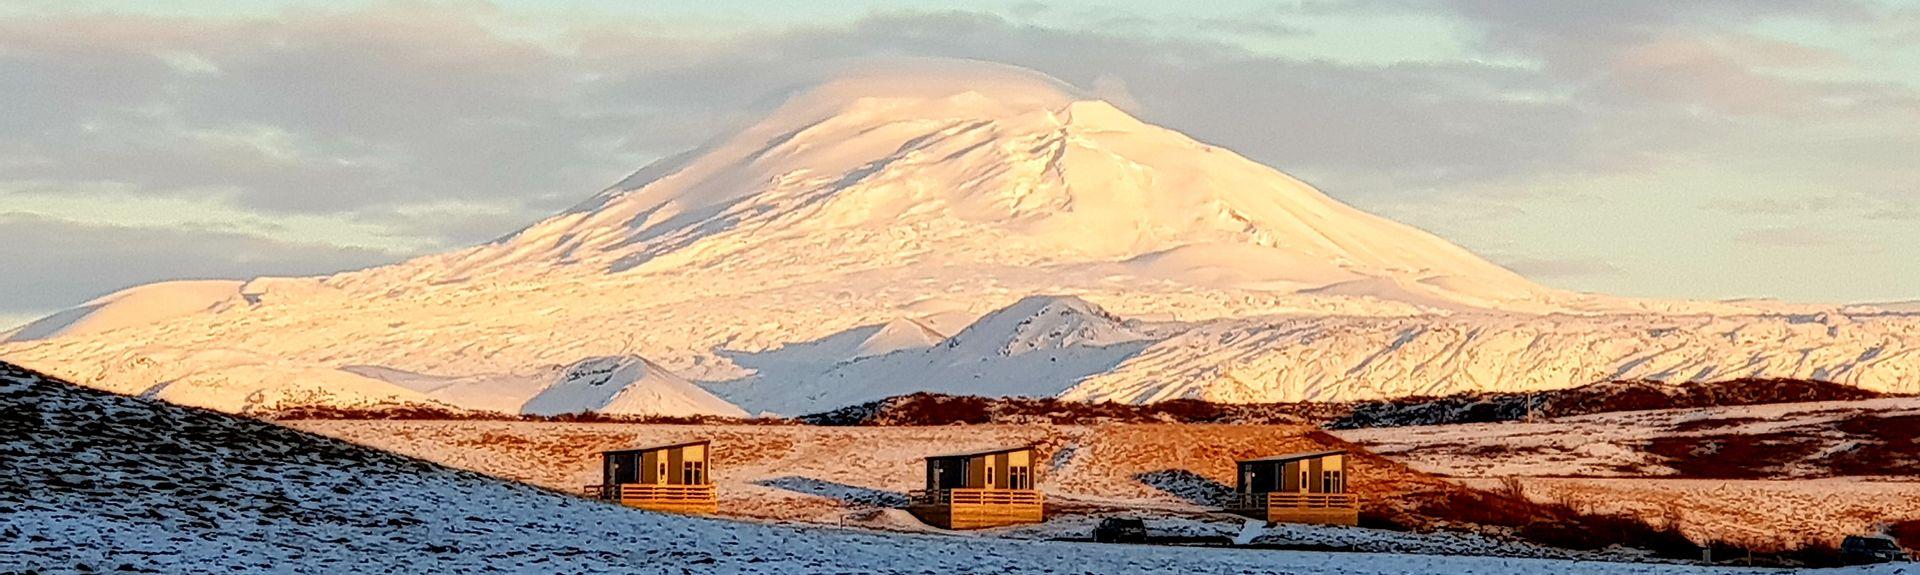 Hjalparfoss, Hella, Iceland